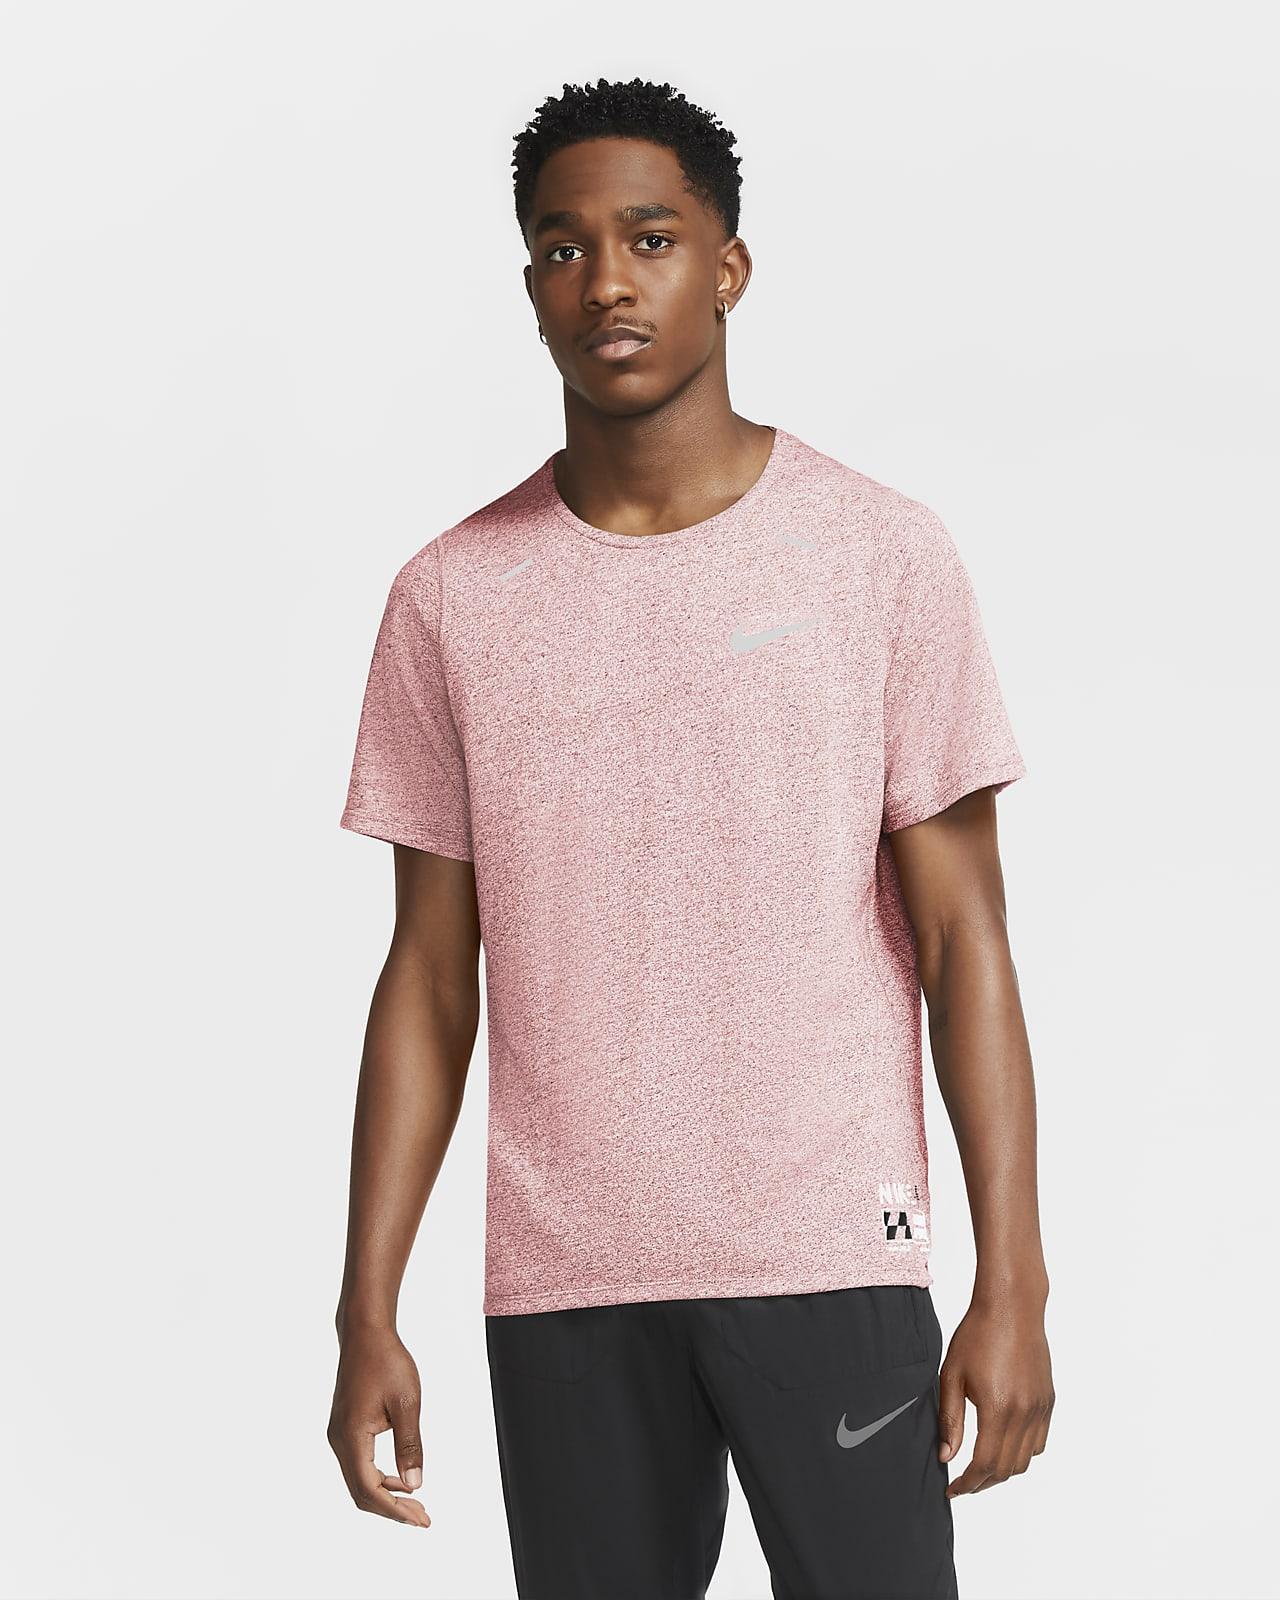 Pánské běžecké tričko Nike Rise 365 Future Fast